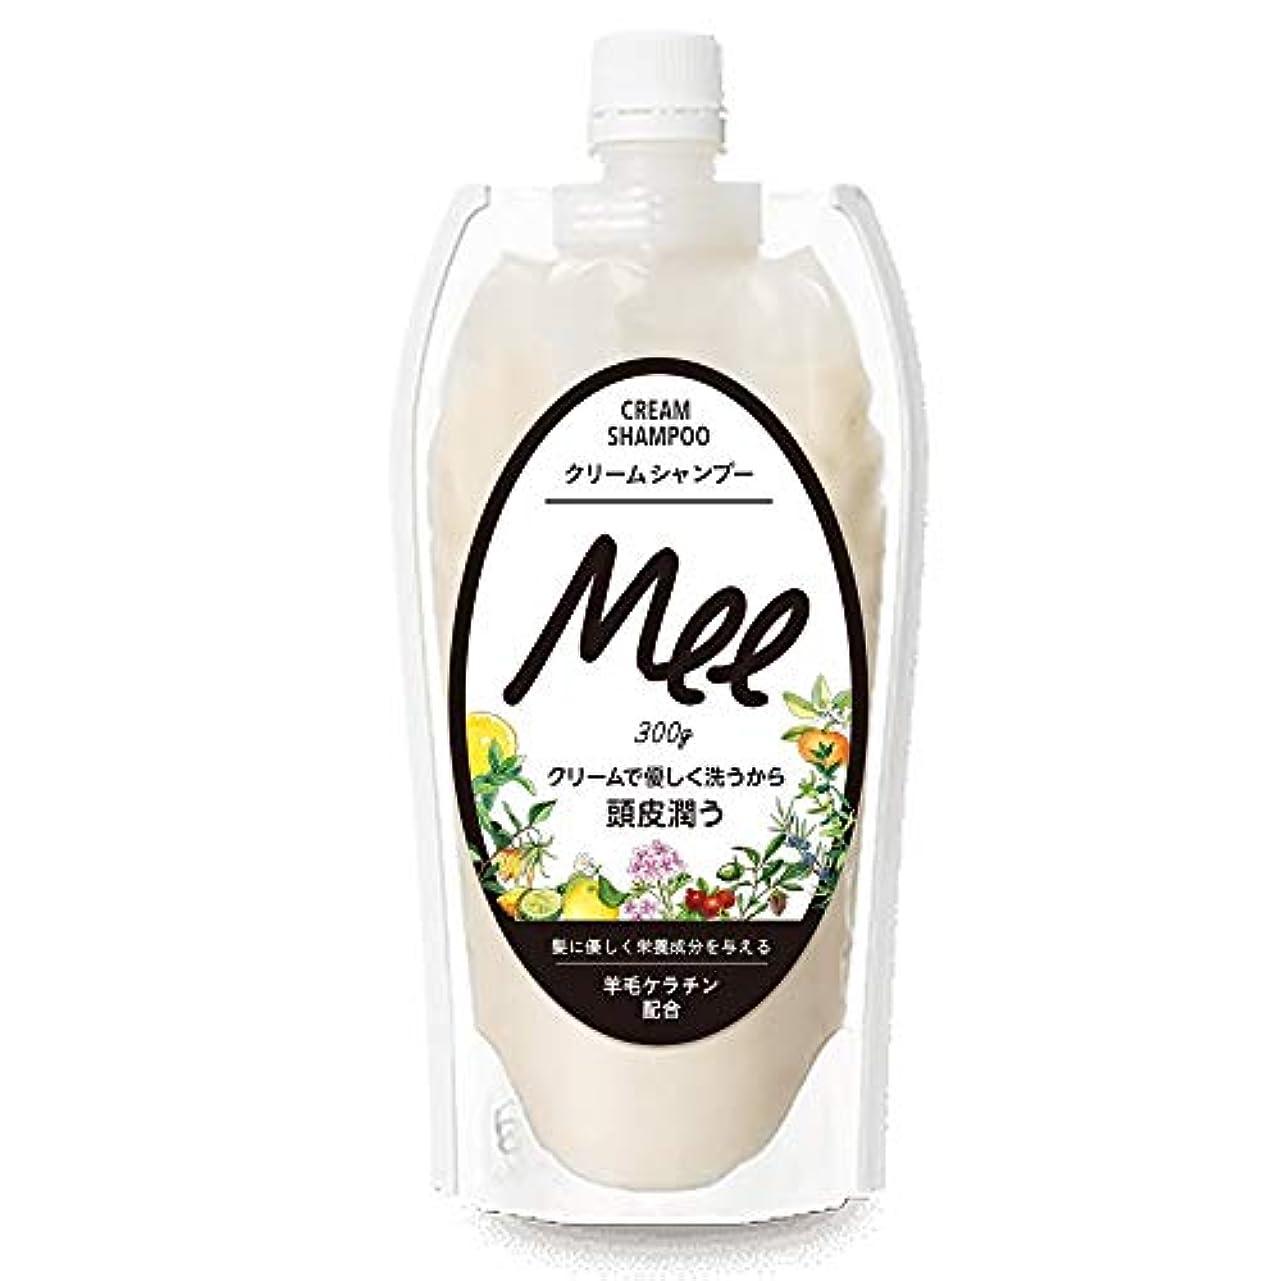 ブーストクモ賭け洗えるヘアトリートメント Mee 300g クリームシャンプー 皮脂 乾燥肌 ダメージケア 大容量 時短